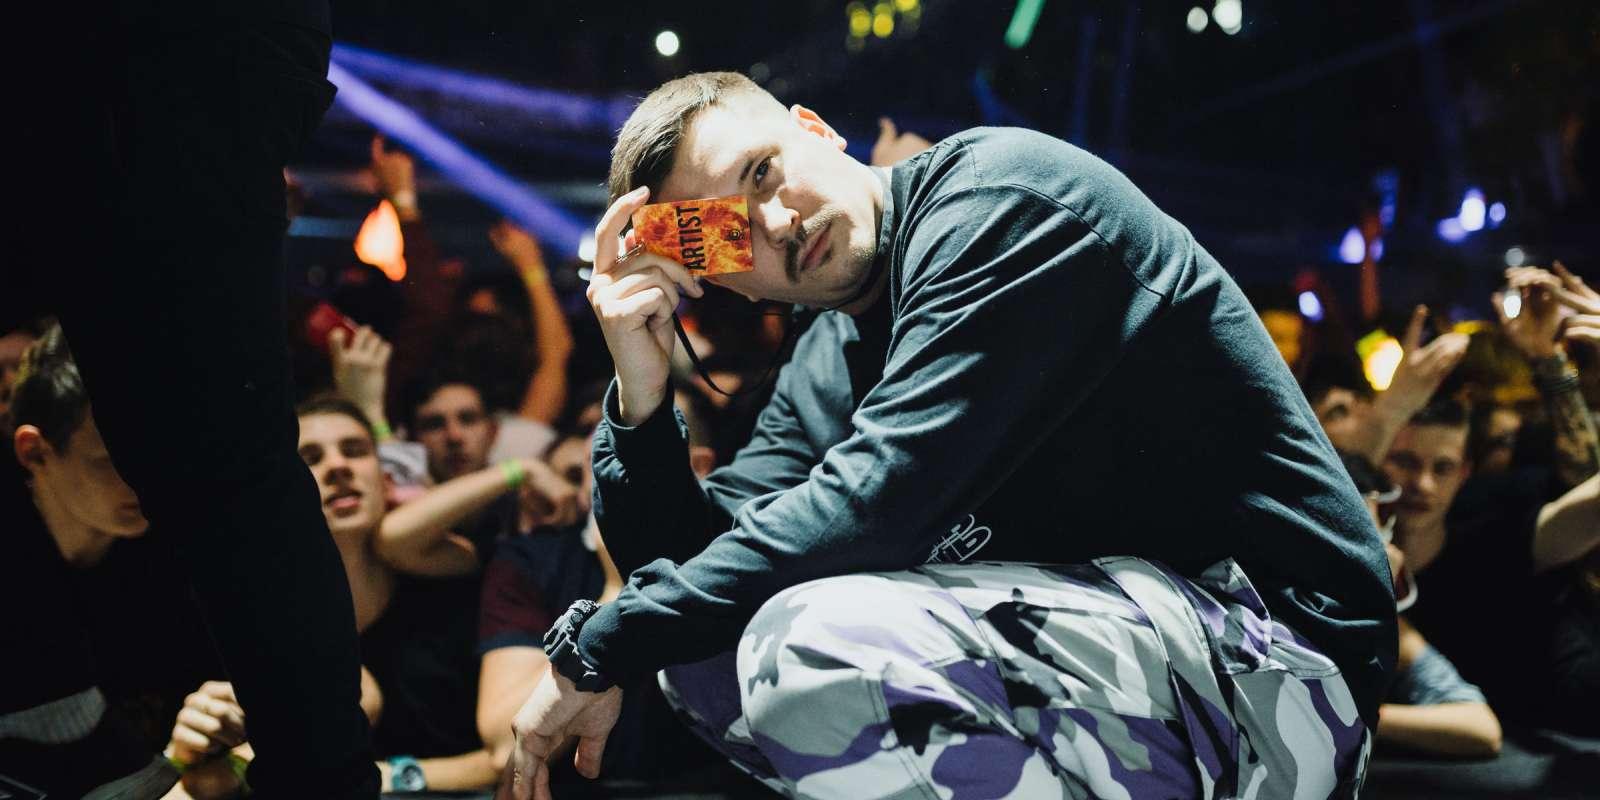 Клуб тусе москва видео драка в ночном клубе с охраной